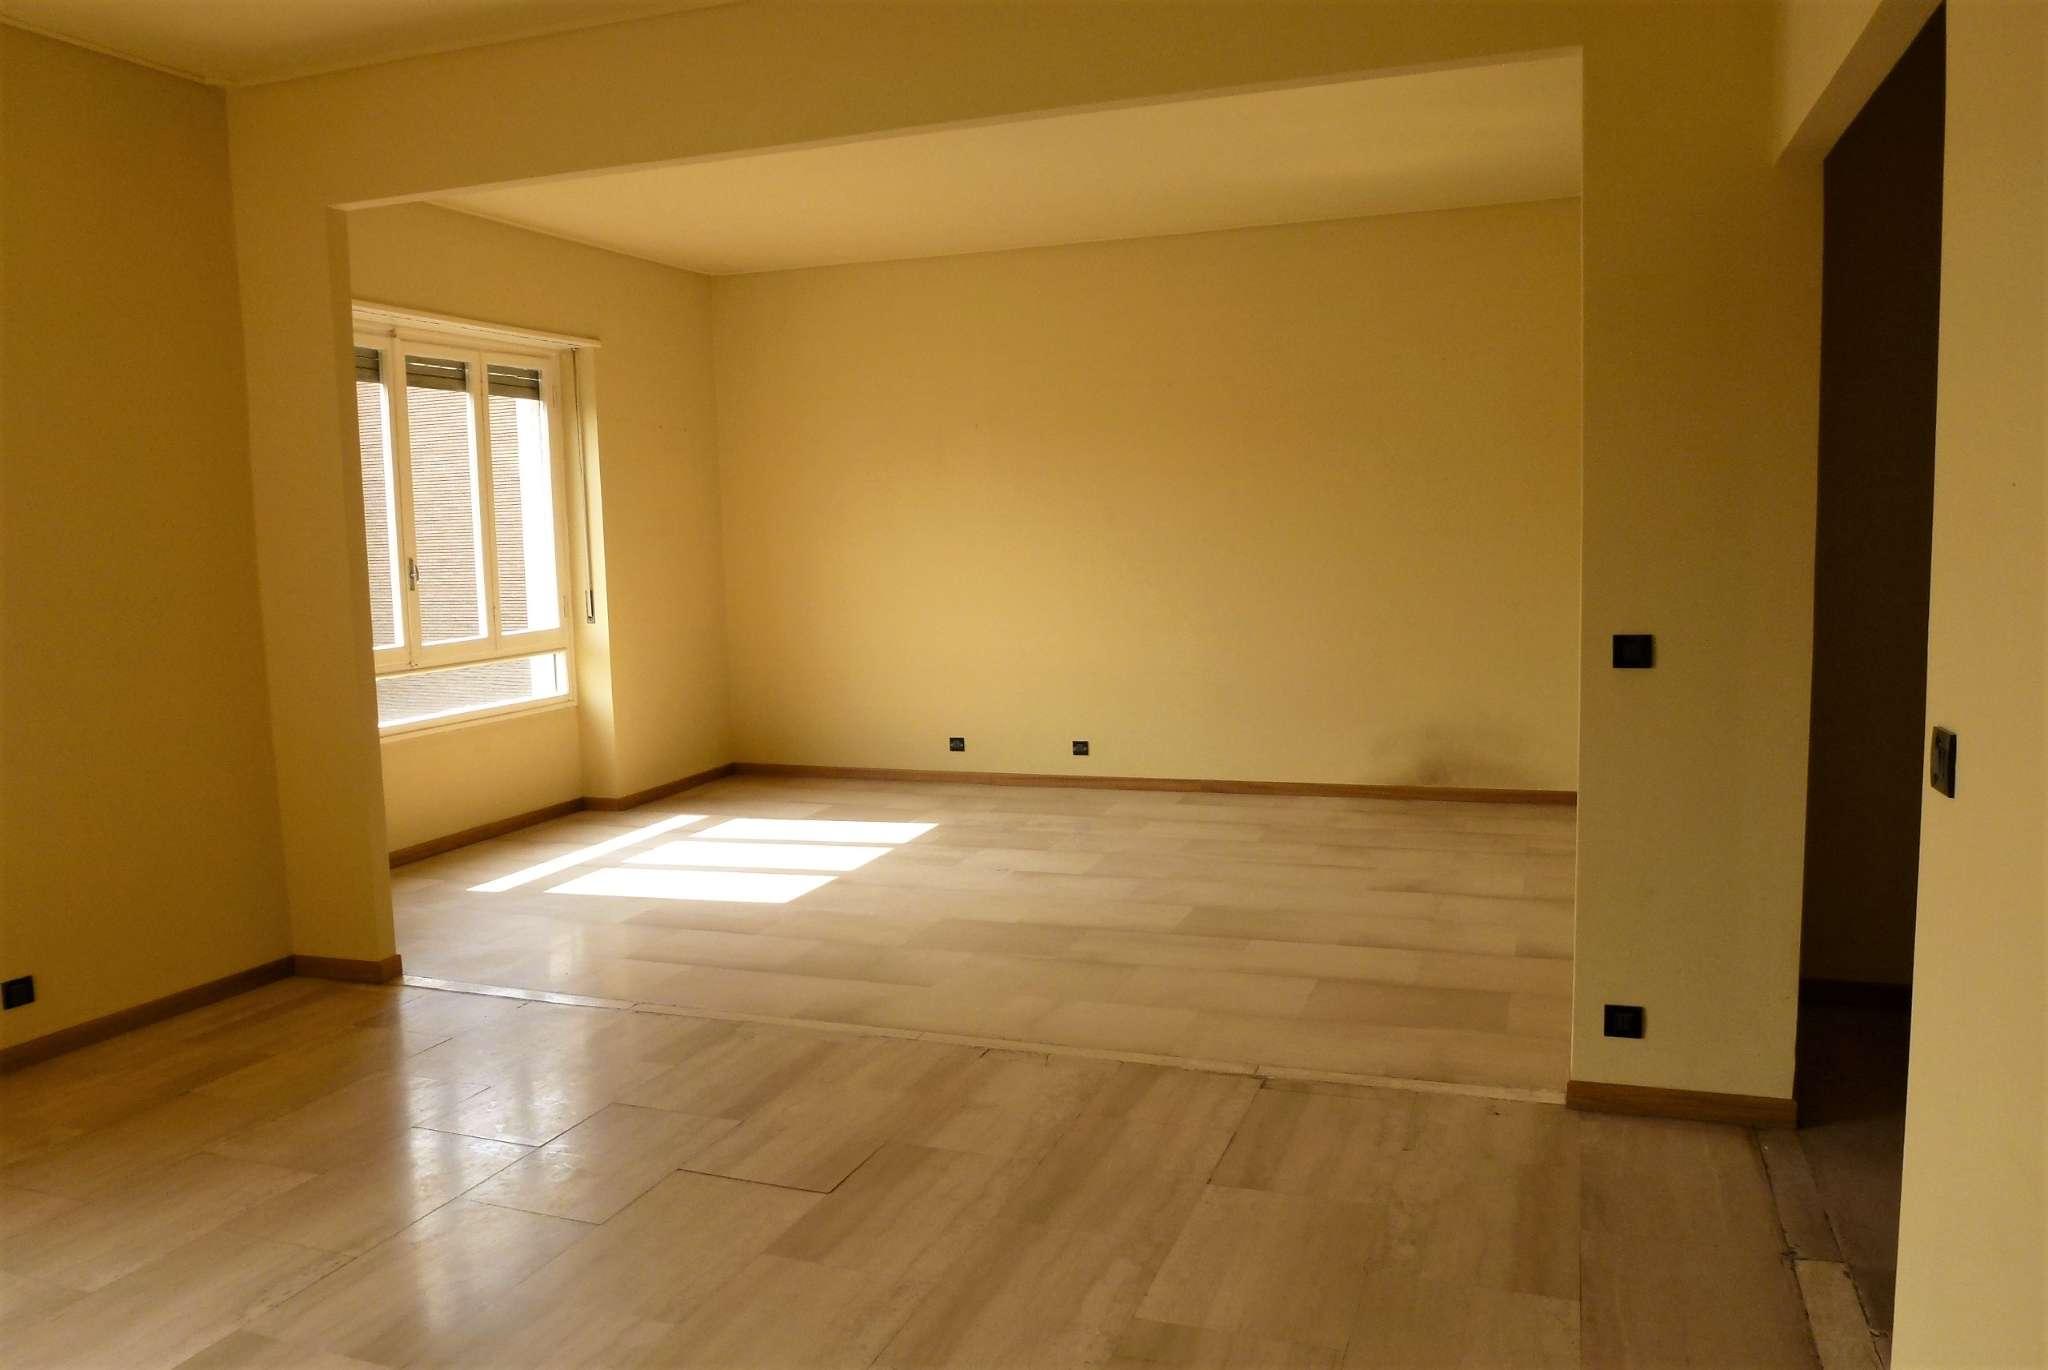 Appartamento in vendita a Torino, 5 locali, zona Santa Rita, prezzo € 320.000 | PortaleAgenzieImmobiliari.it